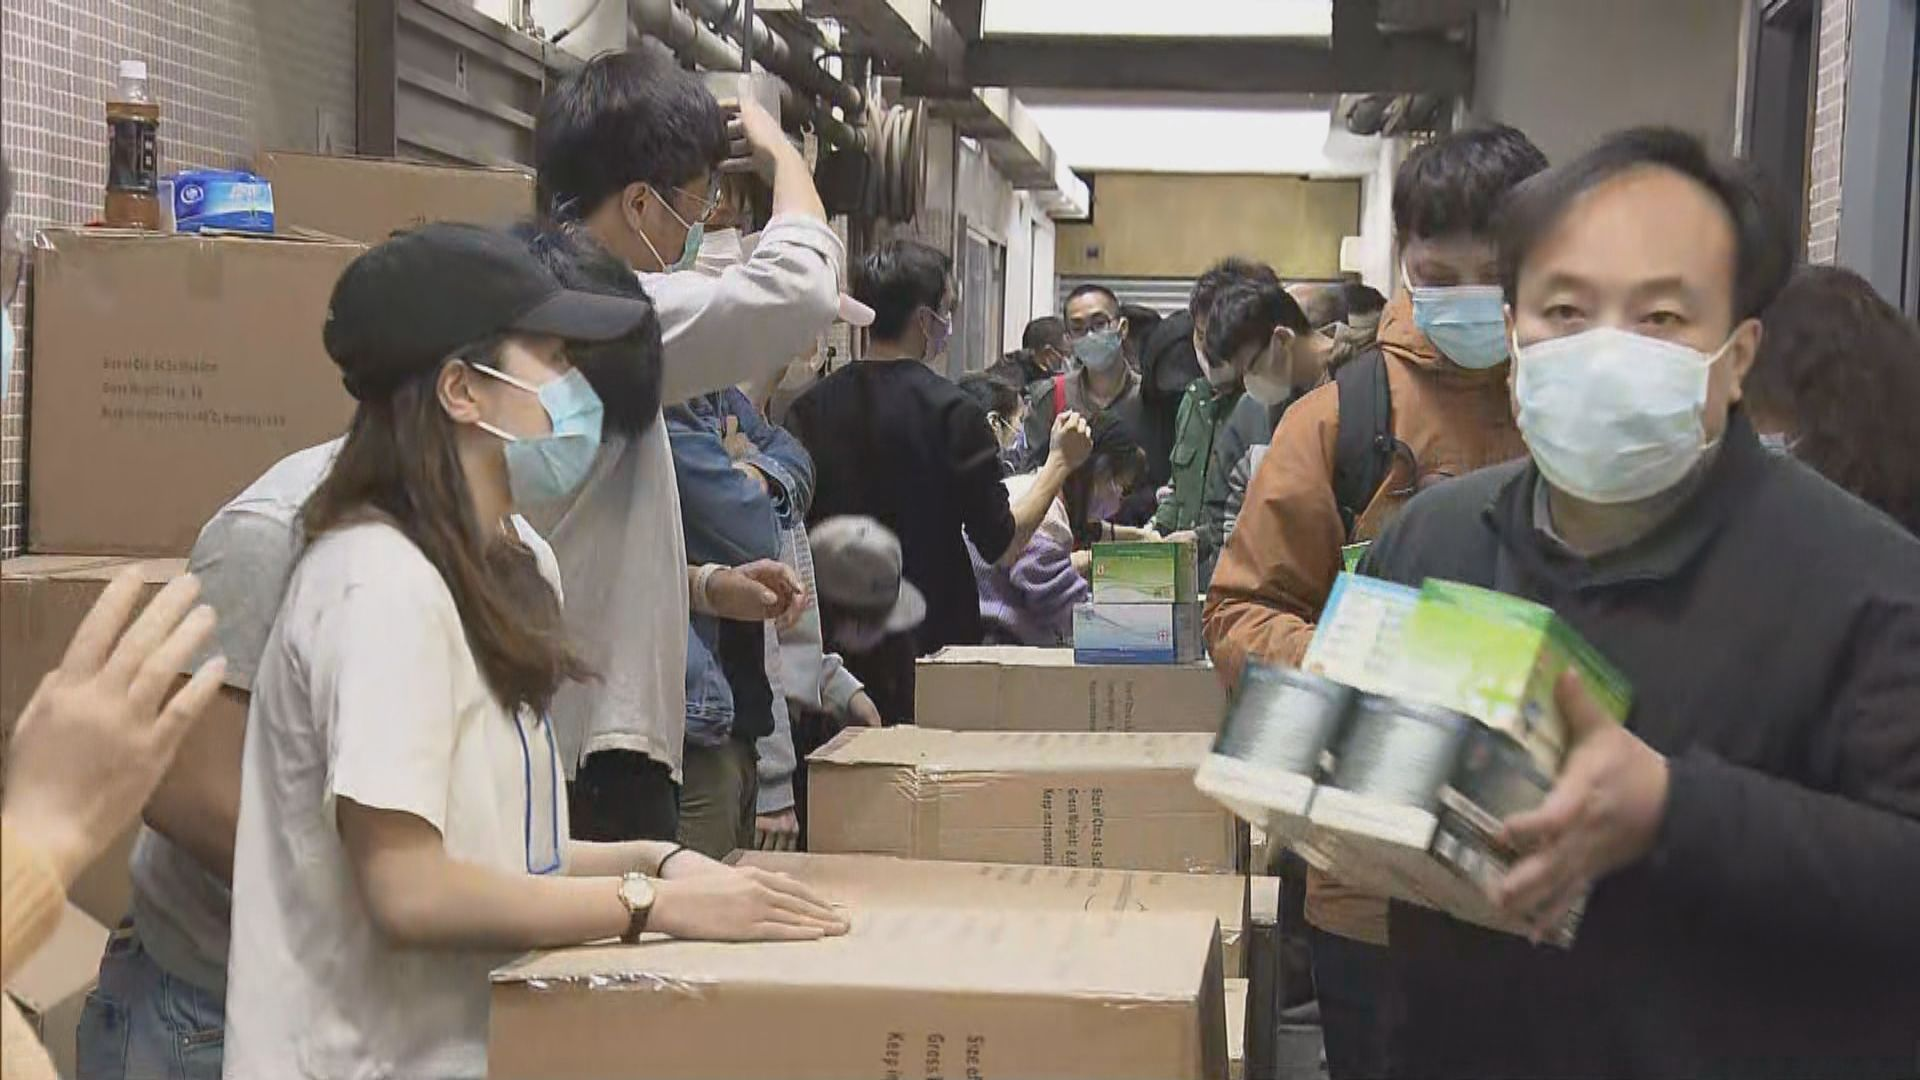 粉嶺工廈口罩開倉發售 至少兩千人排隊輪購